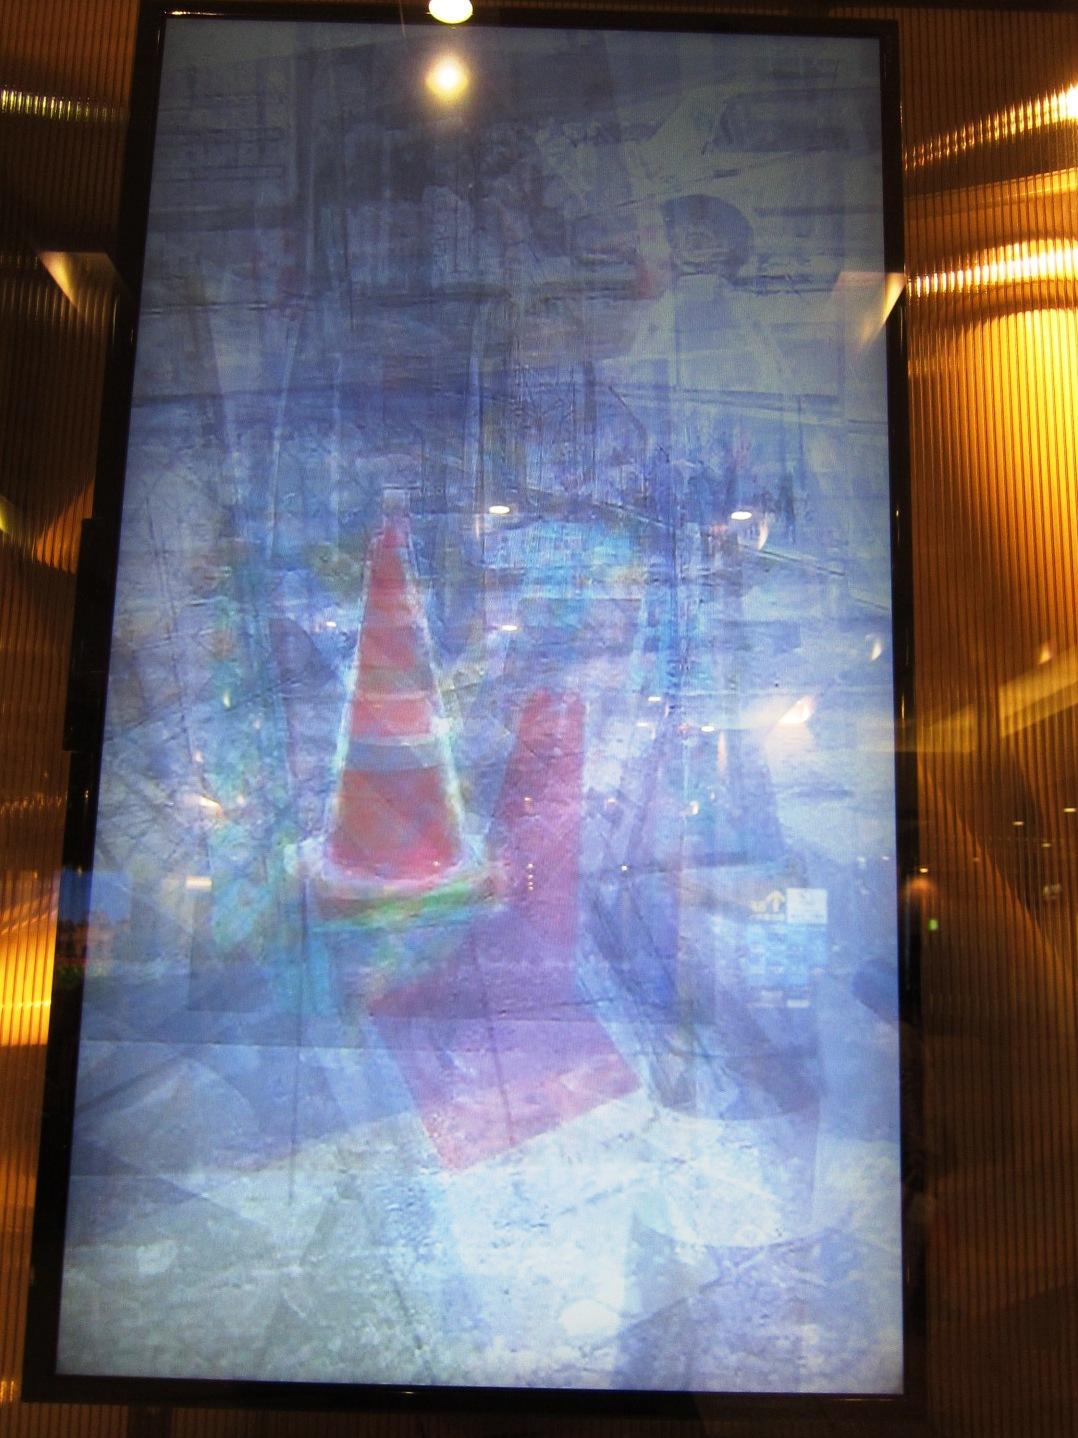 2509)「北芳樹(美術家) [Around the Roadcones] 」JRタワーARTBOX 3月5日(土)~5月31日(月)_f0126829_10274318.jpg